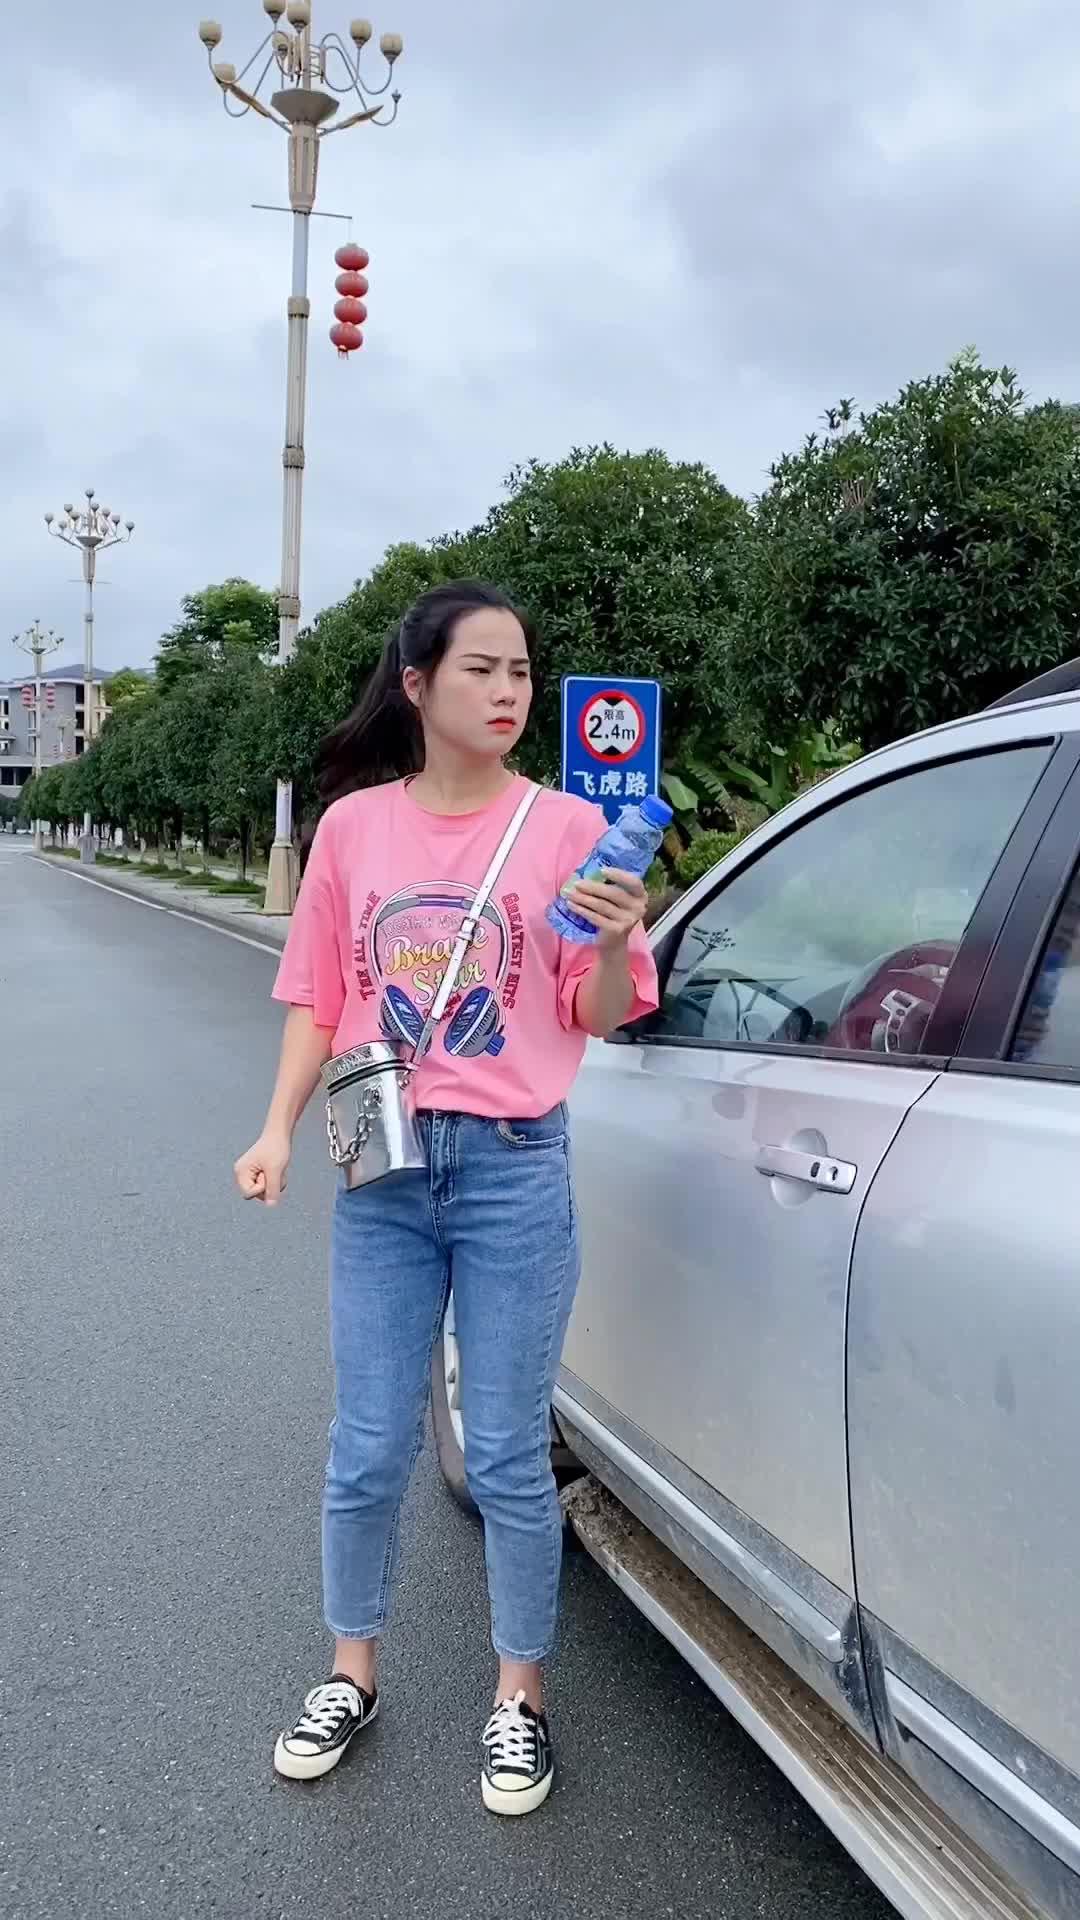 谁把没喝完的饮料瓶放我车上干嘛?